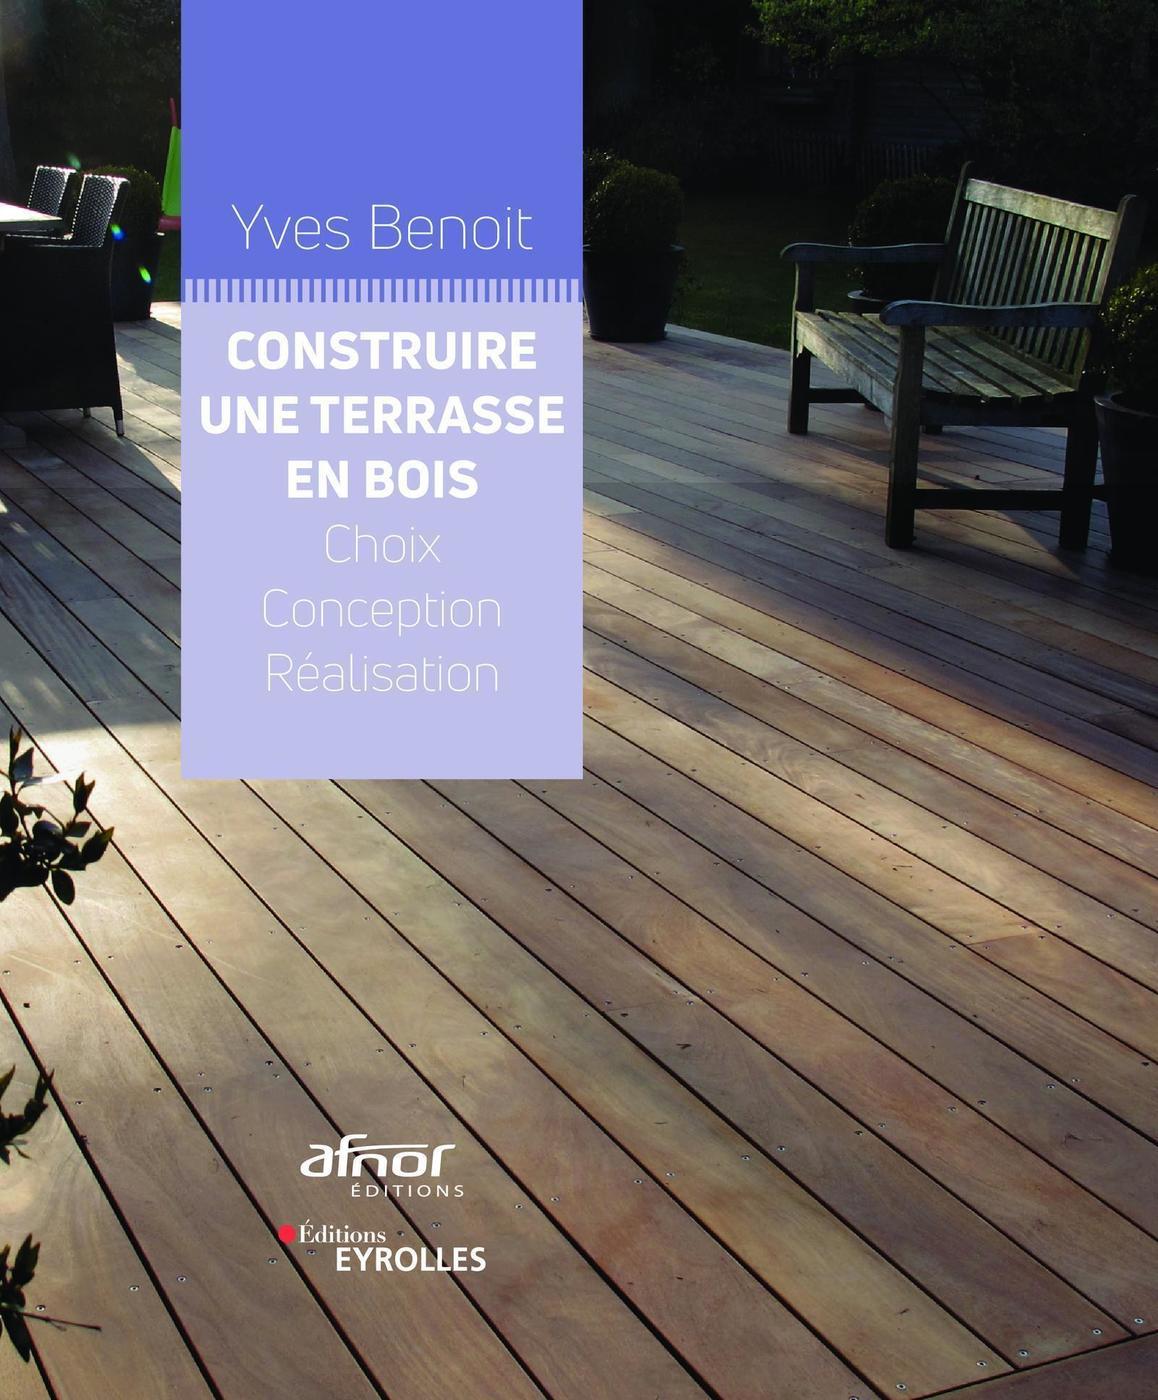 Vente Bois Pour Terrasse construire une terrasse en bois - y.benoit - librairie eyrolles